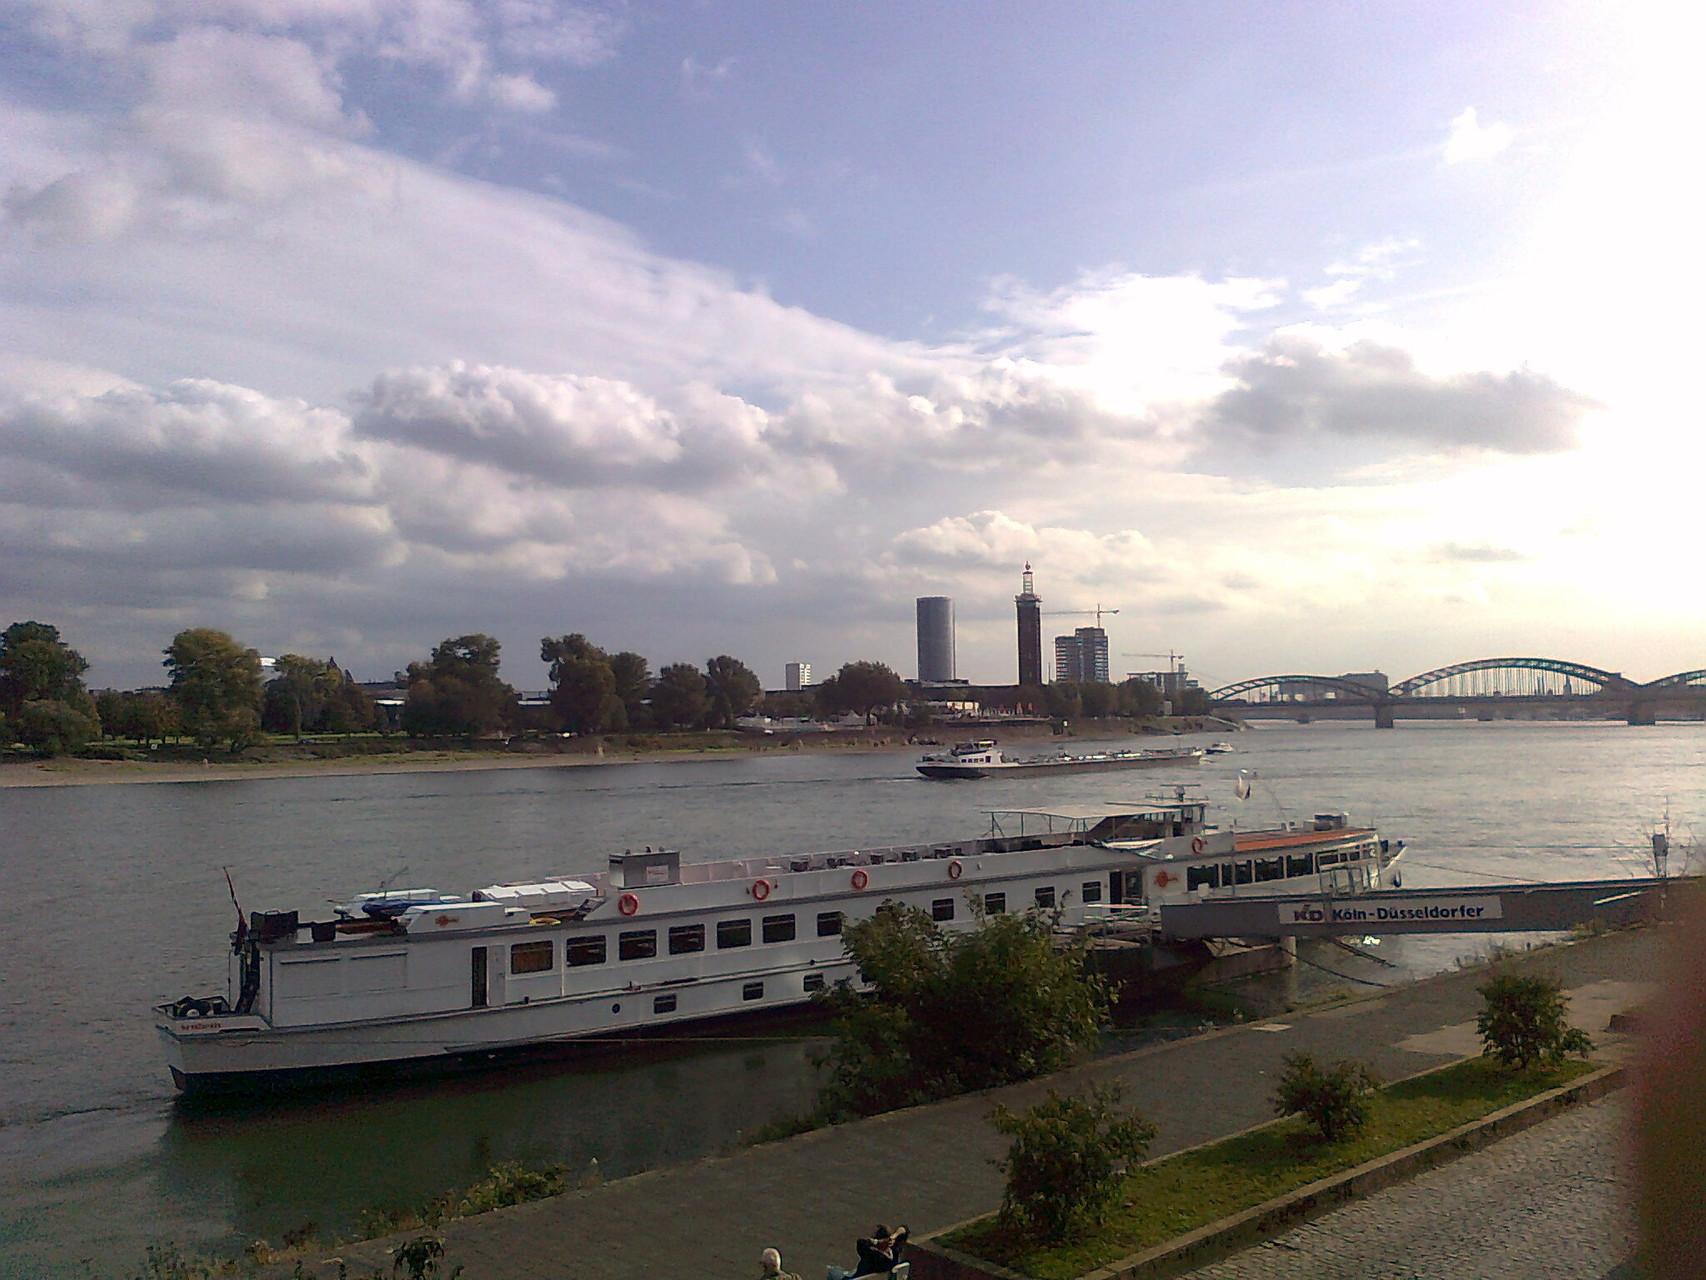 Geführte Fahrradtour - das Rheinufer an der Bastei